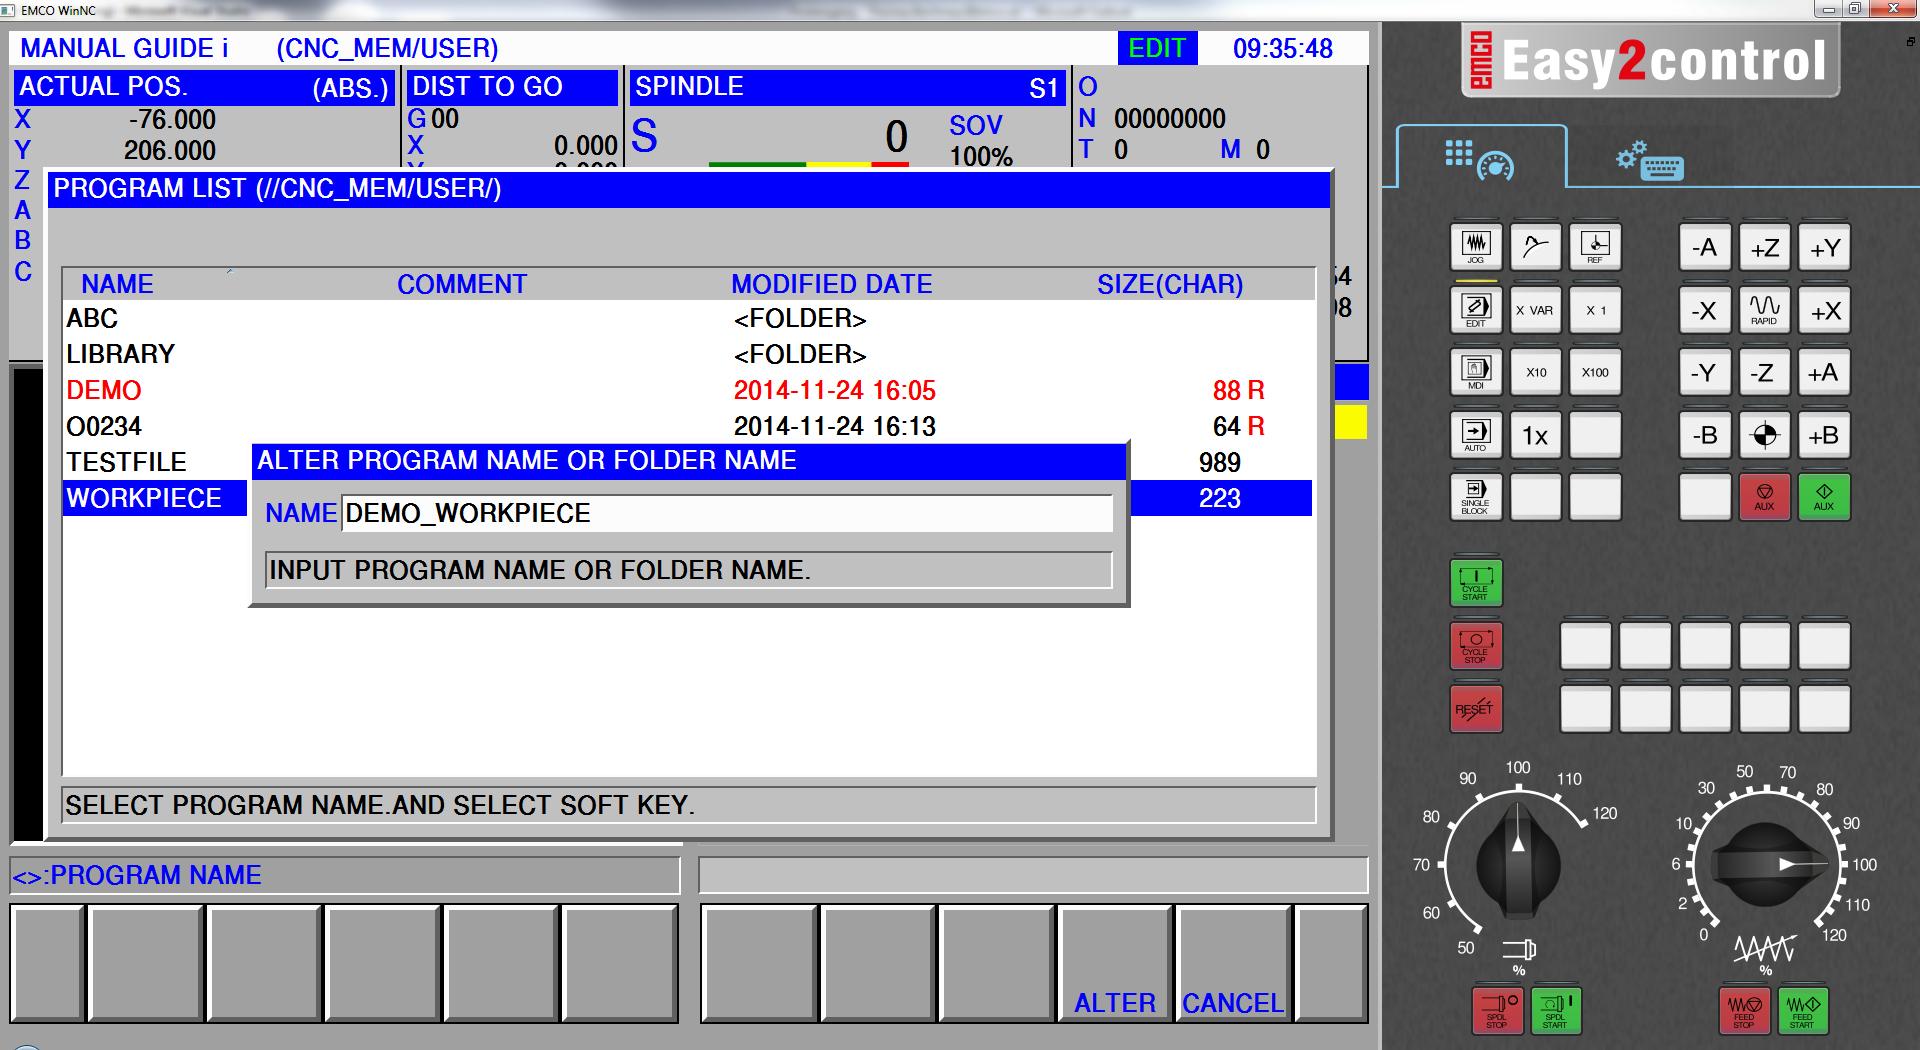 Fanuc tp editor software download - bioshed